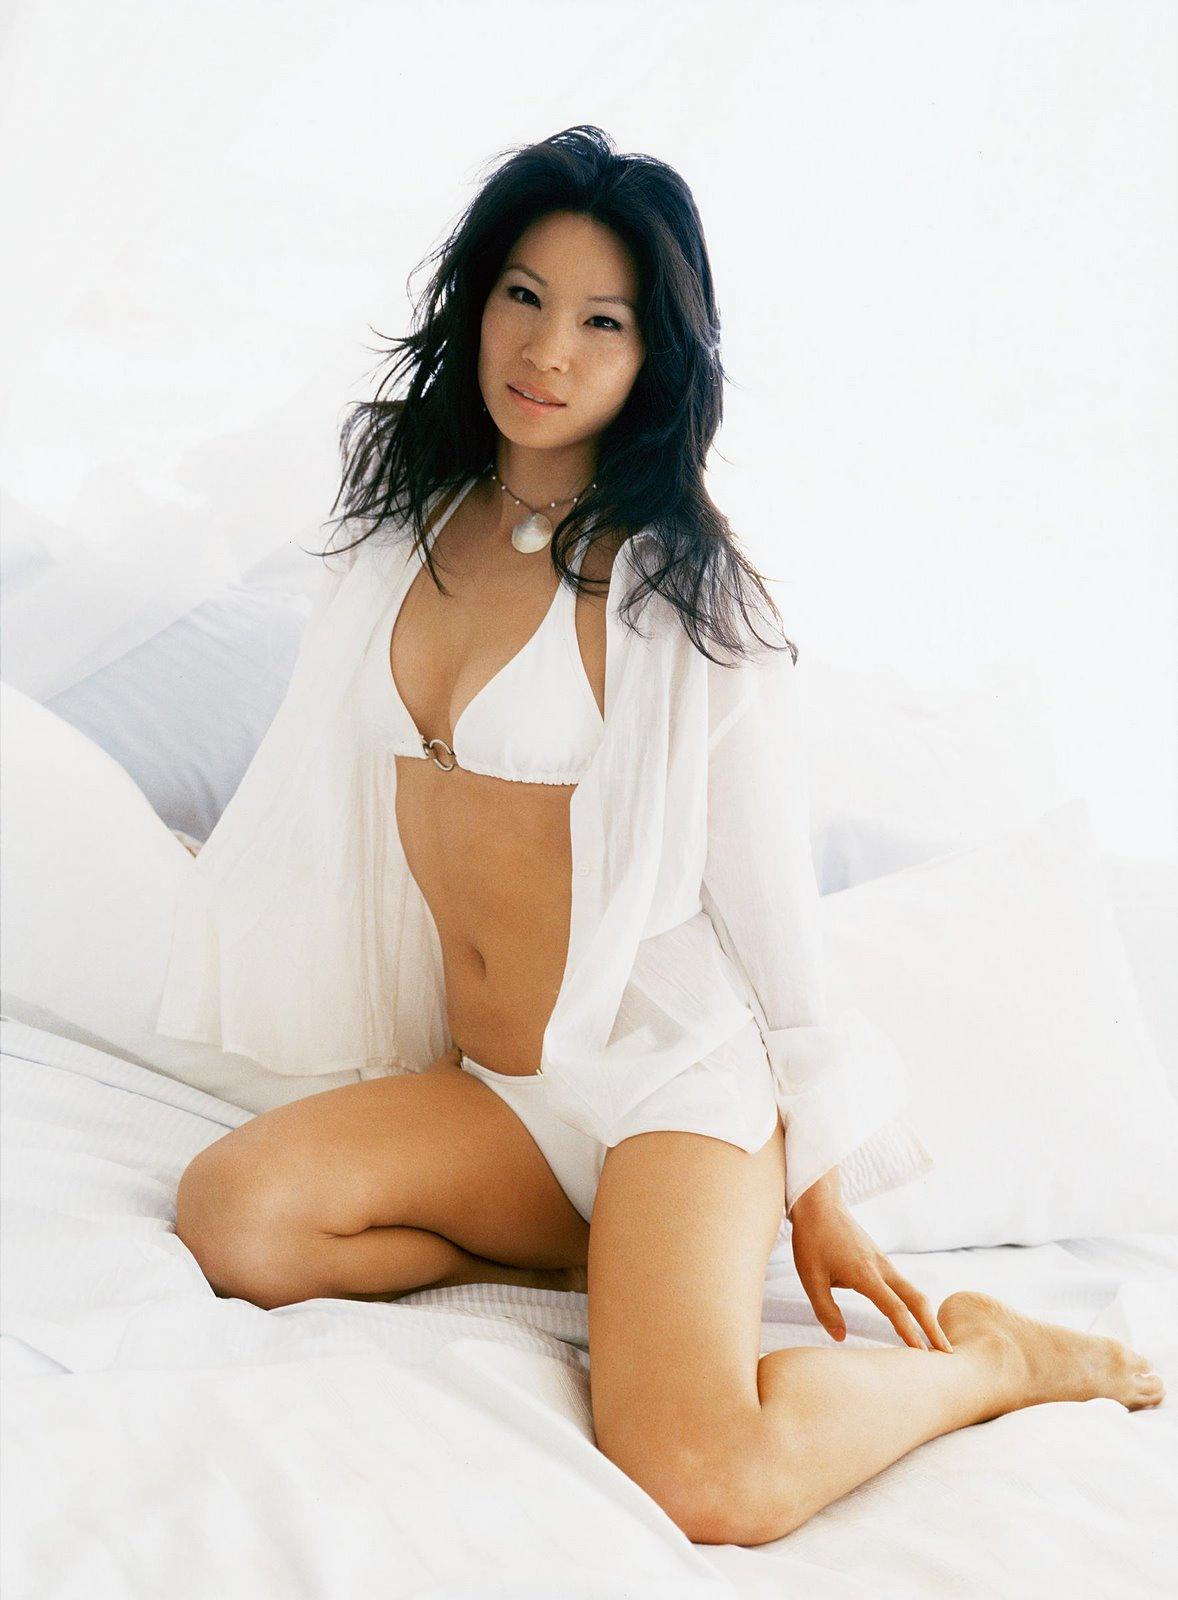 http://1.bp.blogspot.com/_DY_KdmgkkO8/SU4pFSnjpjI/AAAAAAAAAgw/xJEf5W1BbBY/s1600/Lucy_Liu_01.jpg